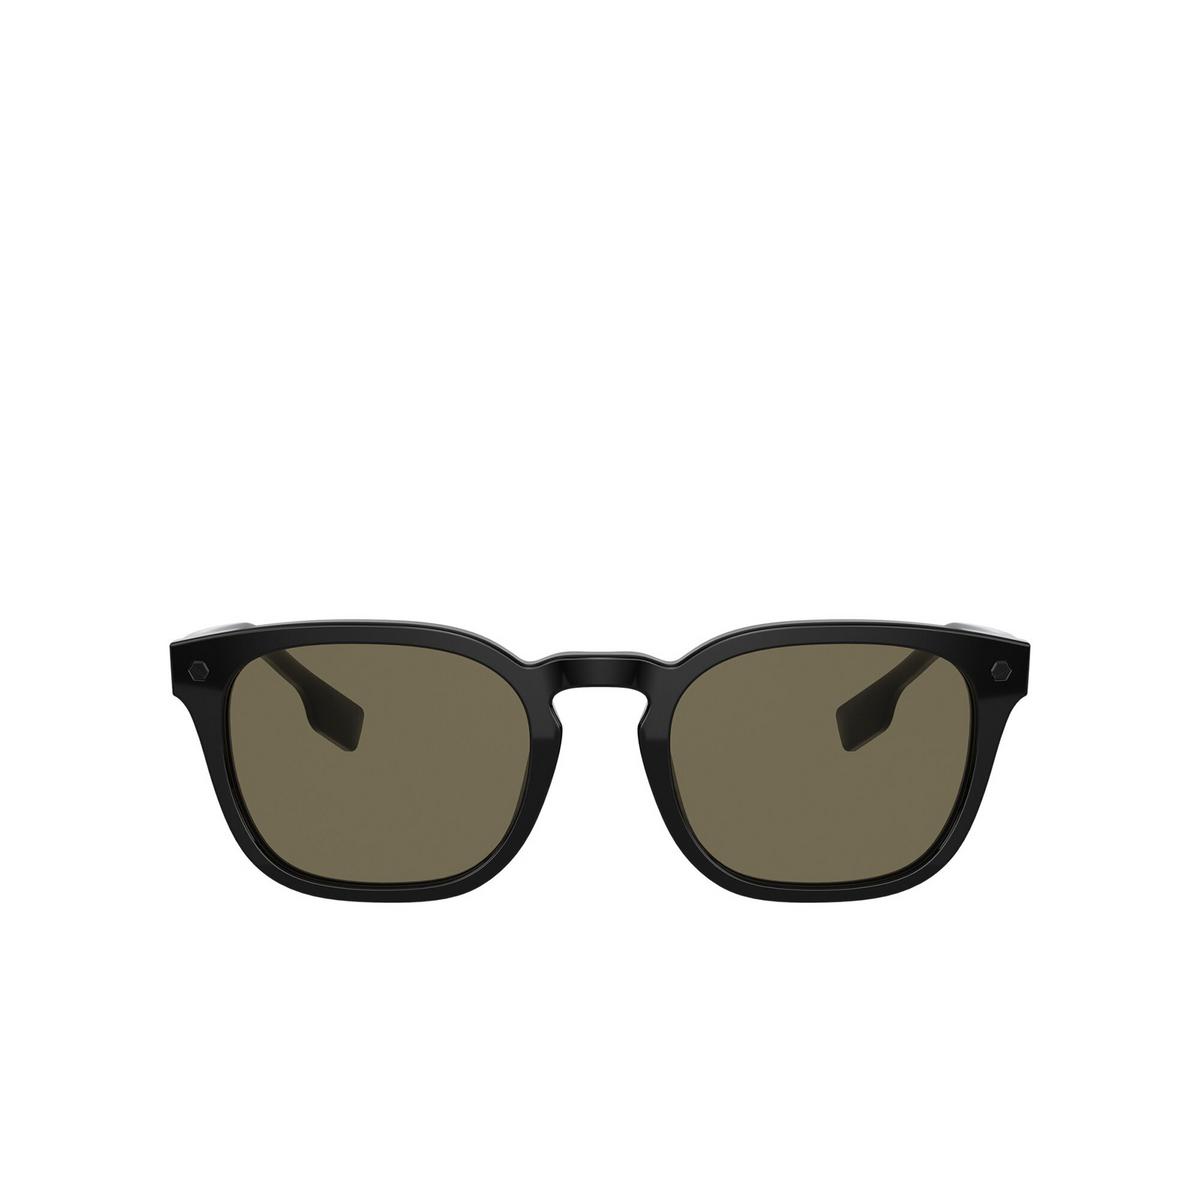 Burberry® Square Sunglasses: Ellis BE4329 color Black 3001/3 - front view.